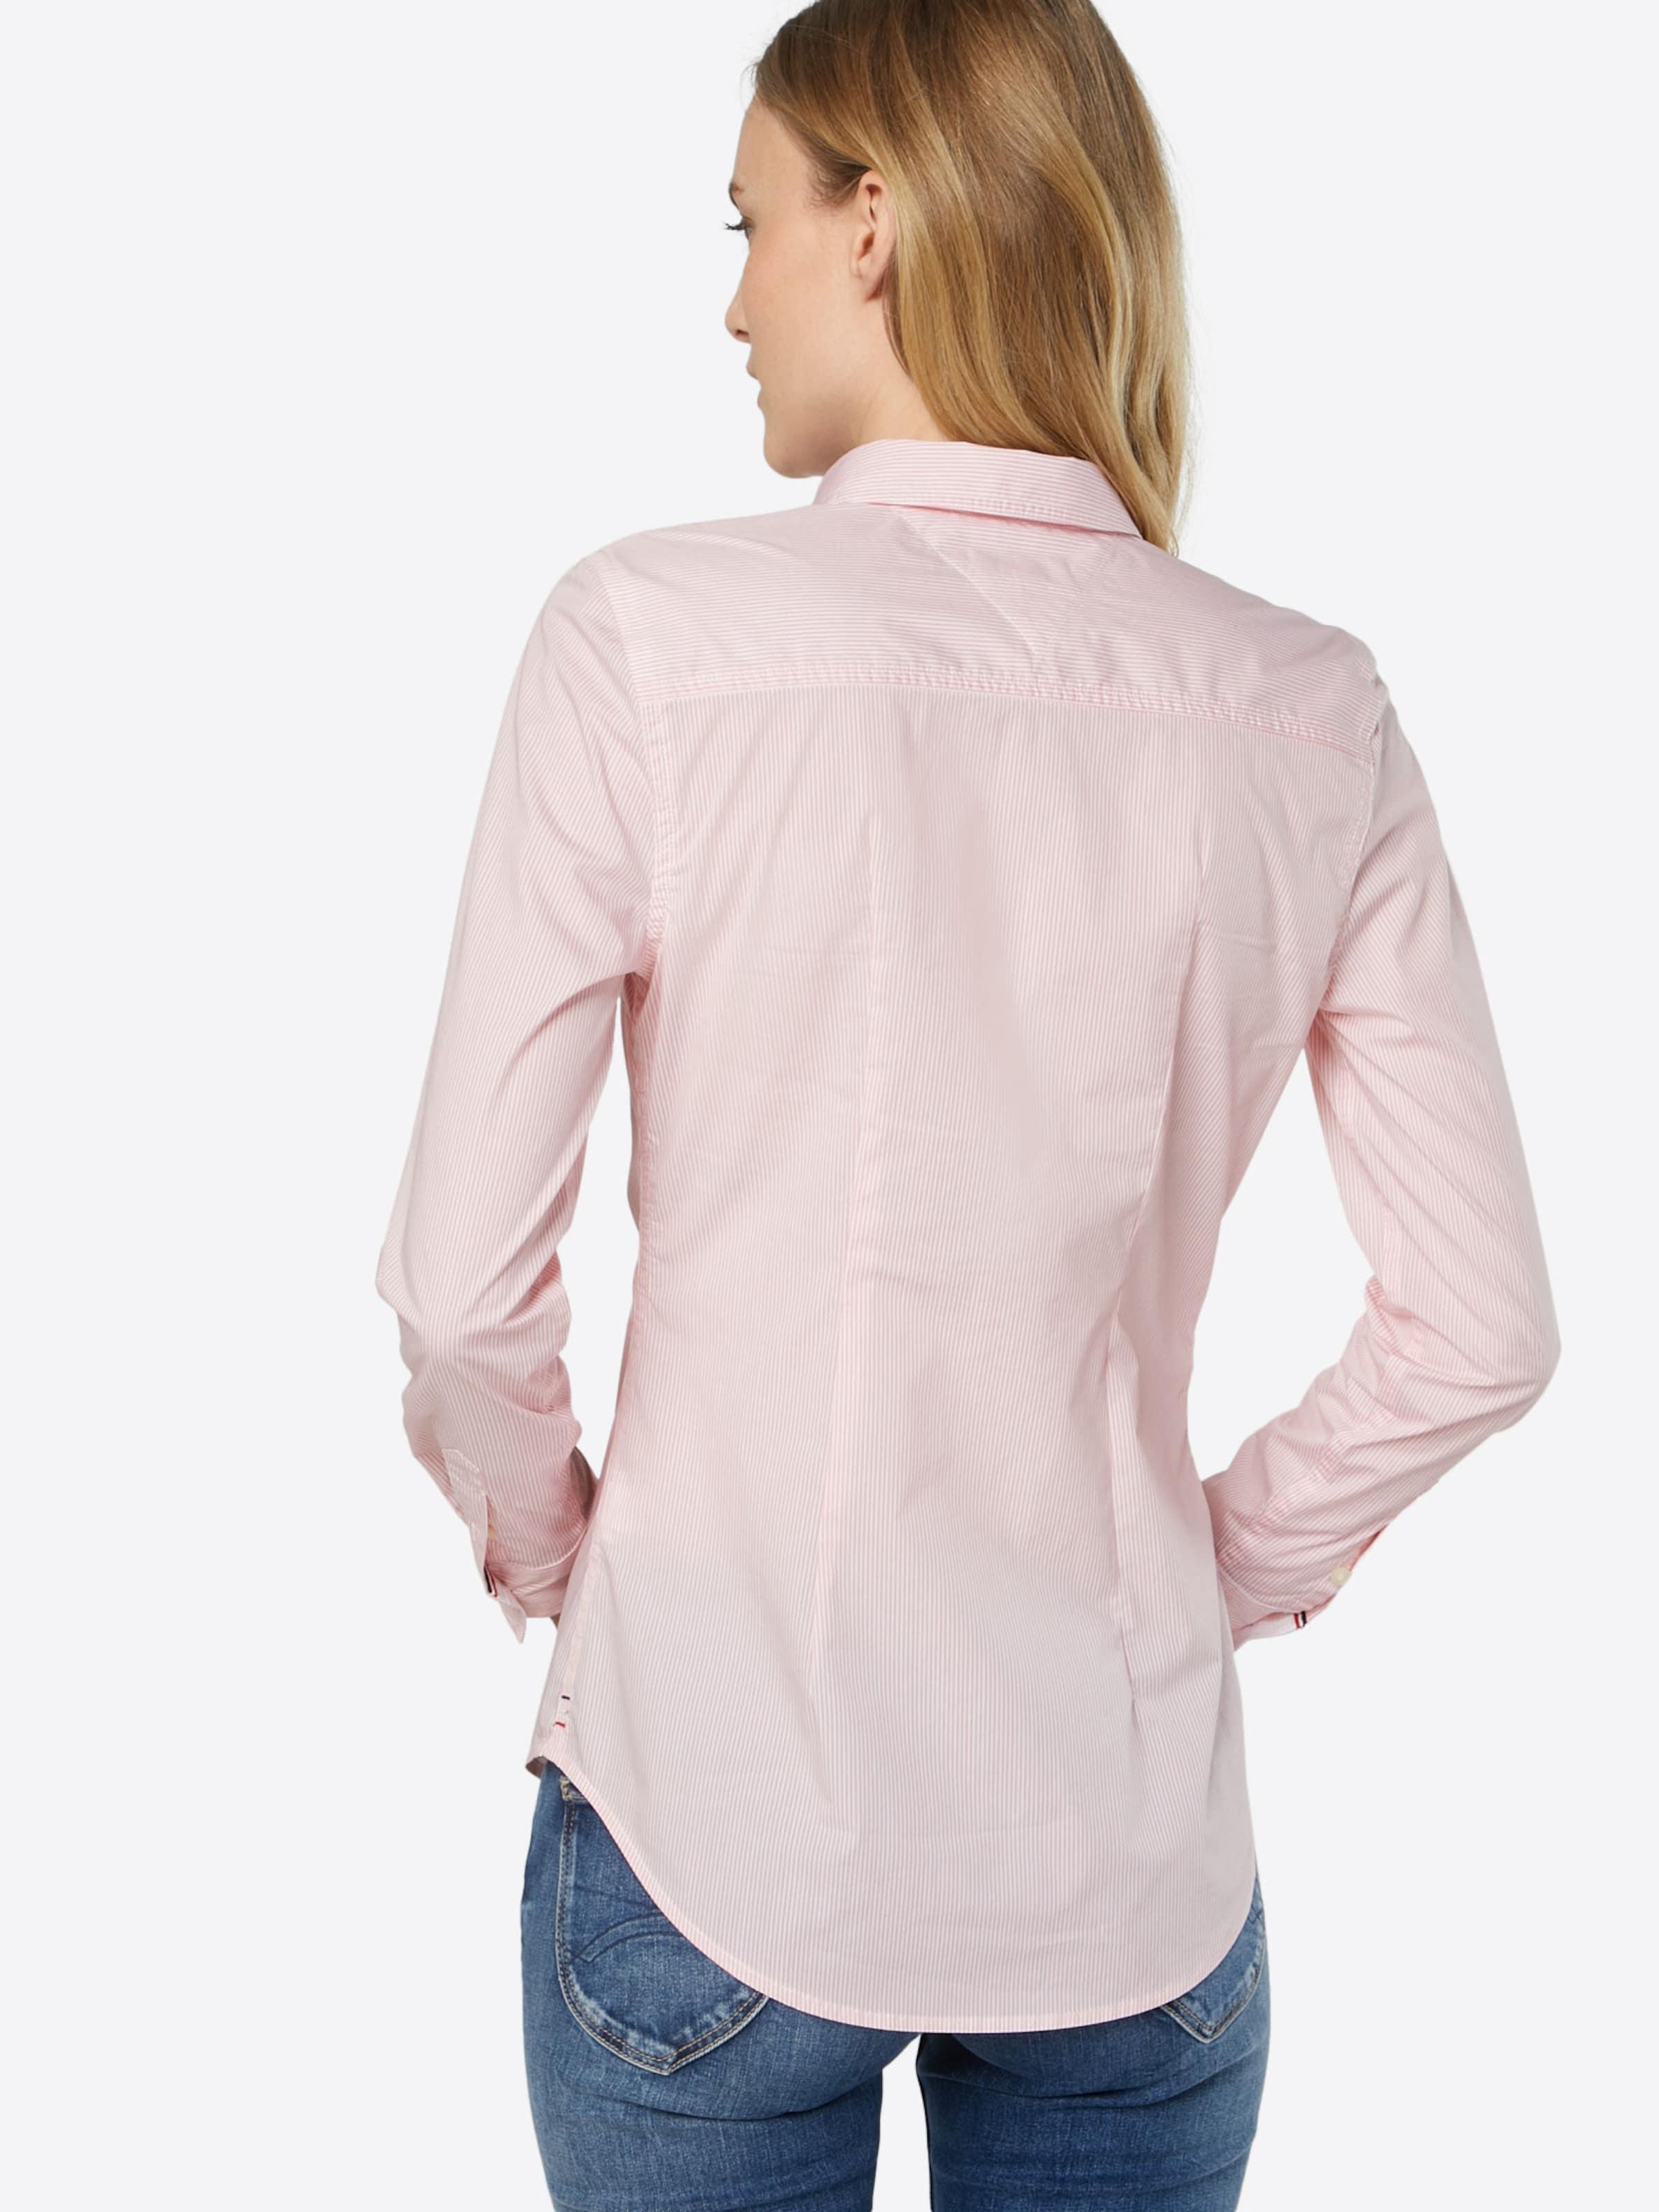 Tommy Jeans klassische Bluse Spielraum Finish Kauf Verkauf Online WHOlw